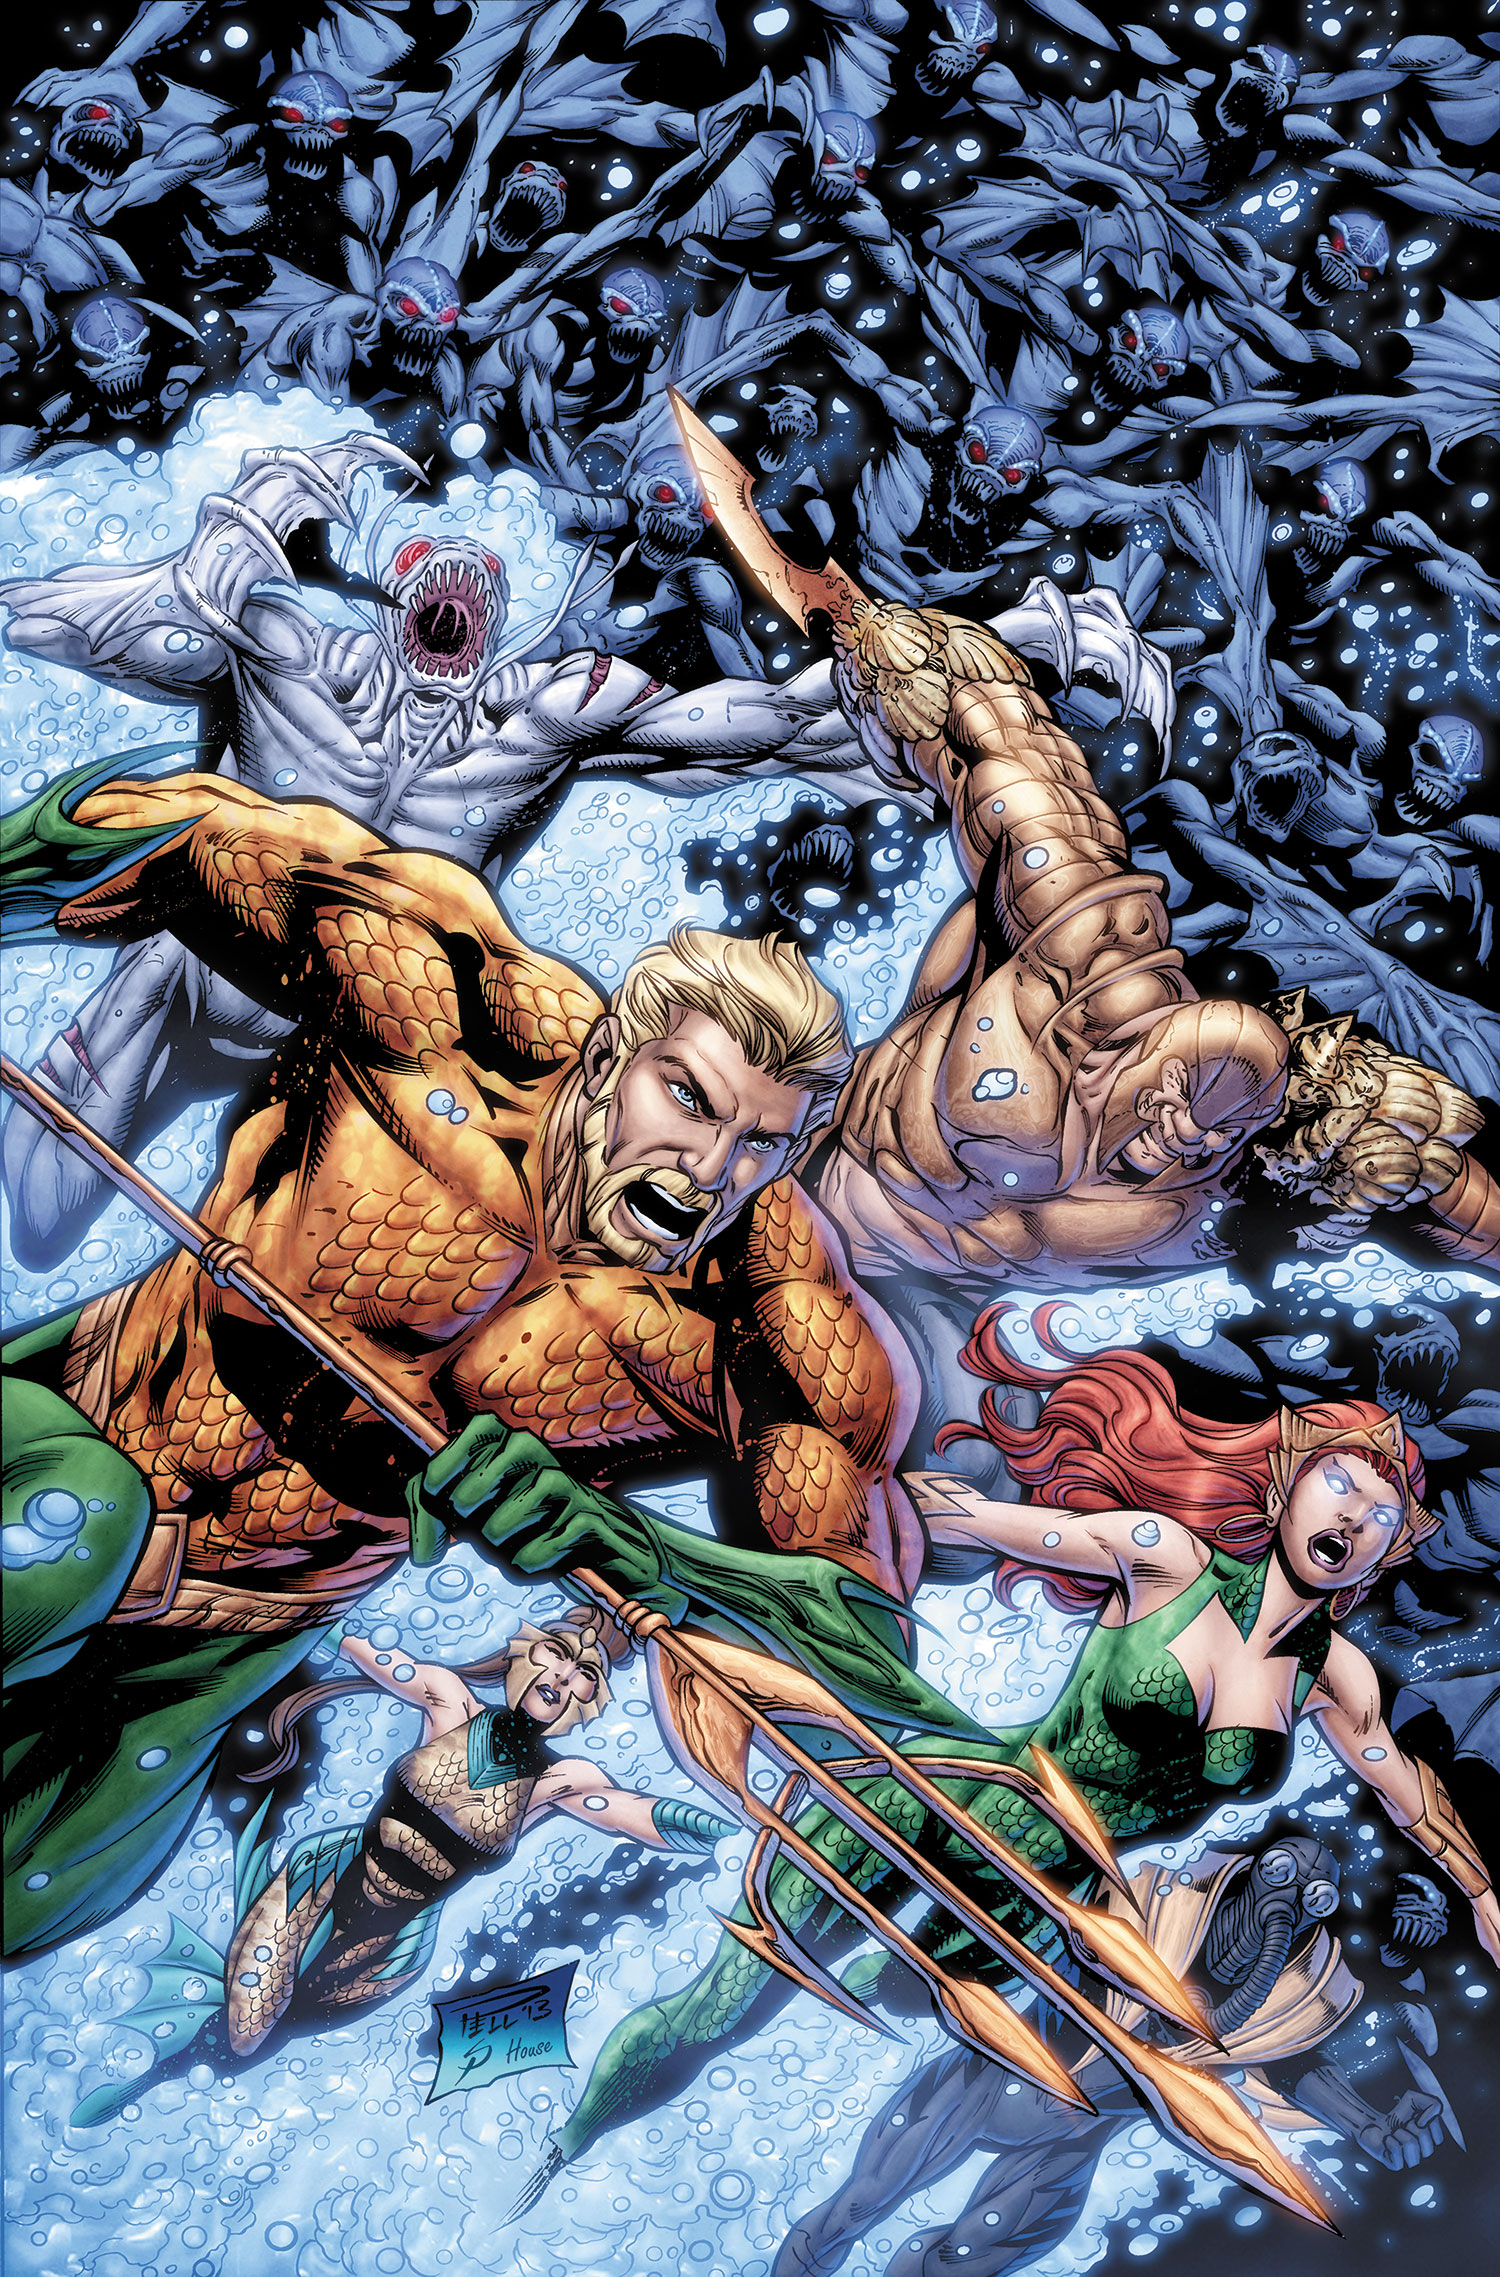 Aquaman: Death of a King